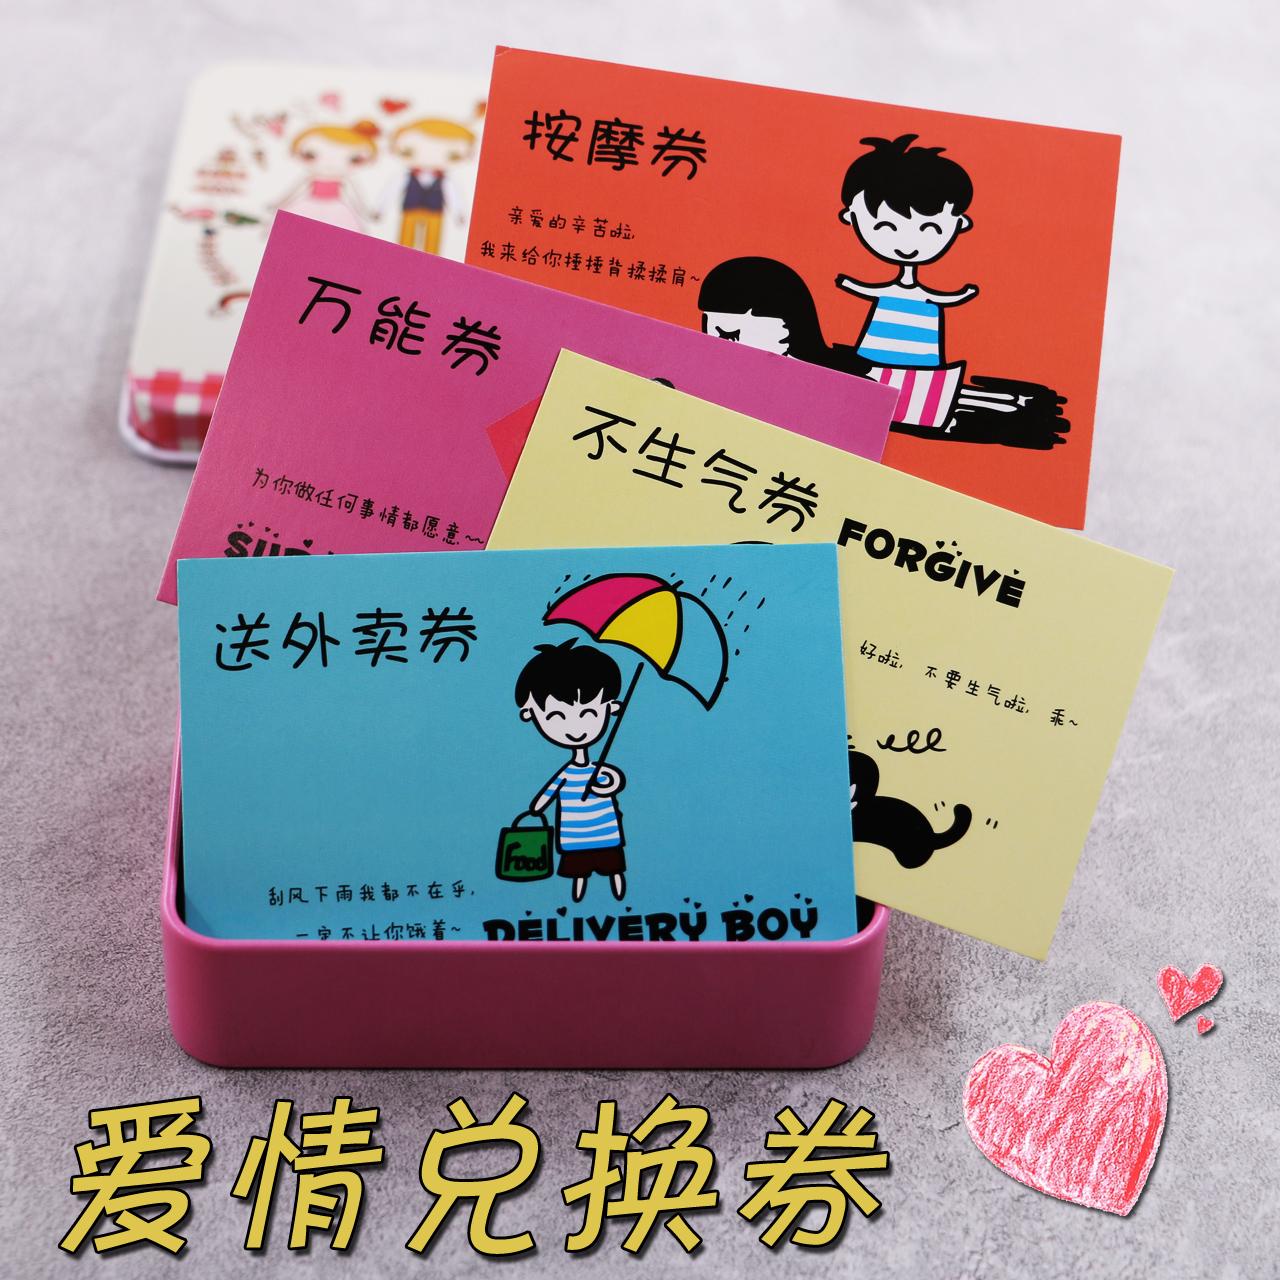 七夕情人节创意小礼品送男友女生朋友老公情侣闺蜜生日礼物特别的